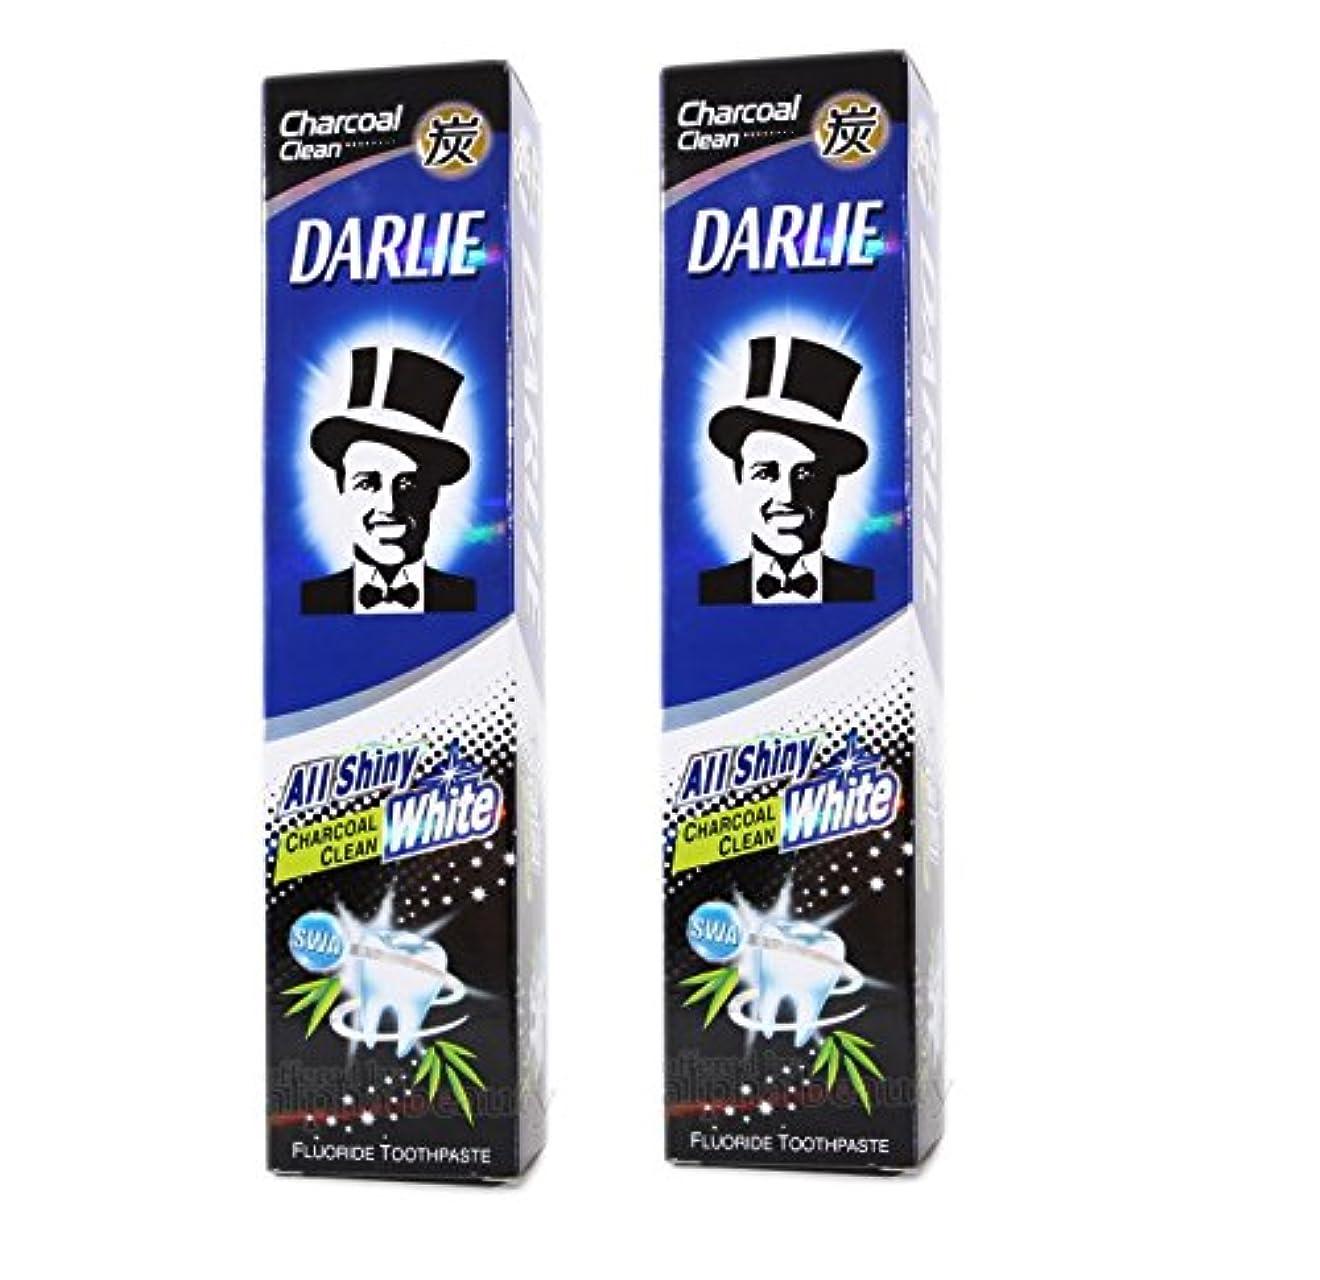 予知主婦最小2 packs of Darlie Charcoal All Shiny Whitening Toothpaste by Darlie